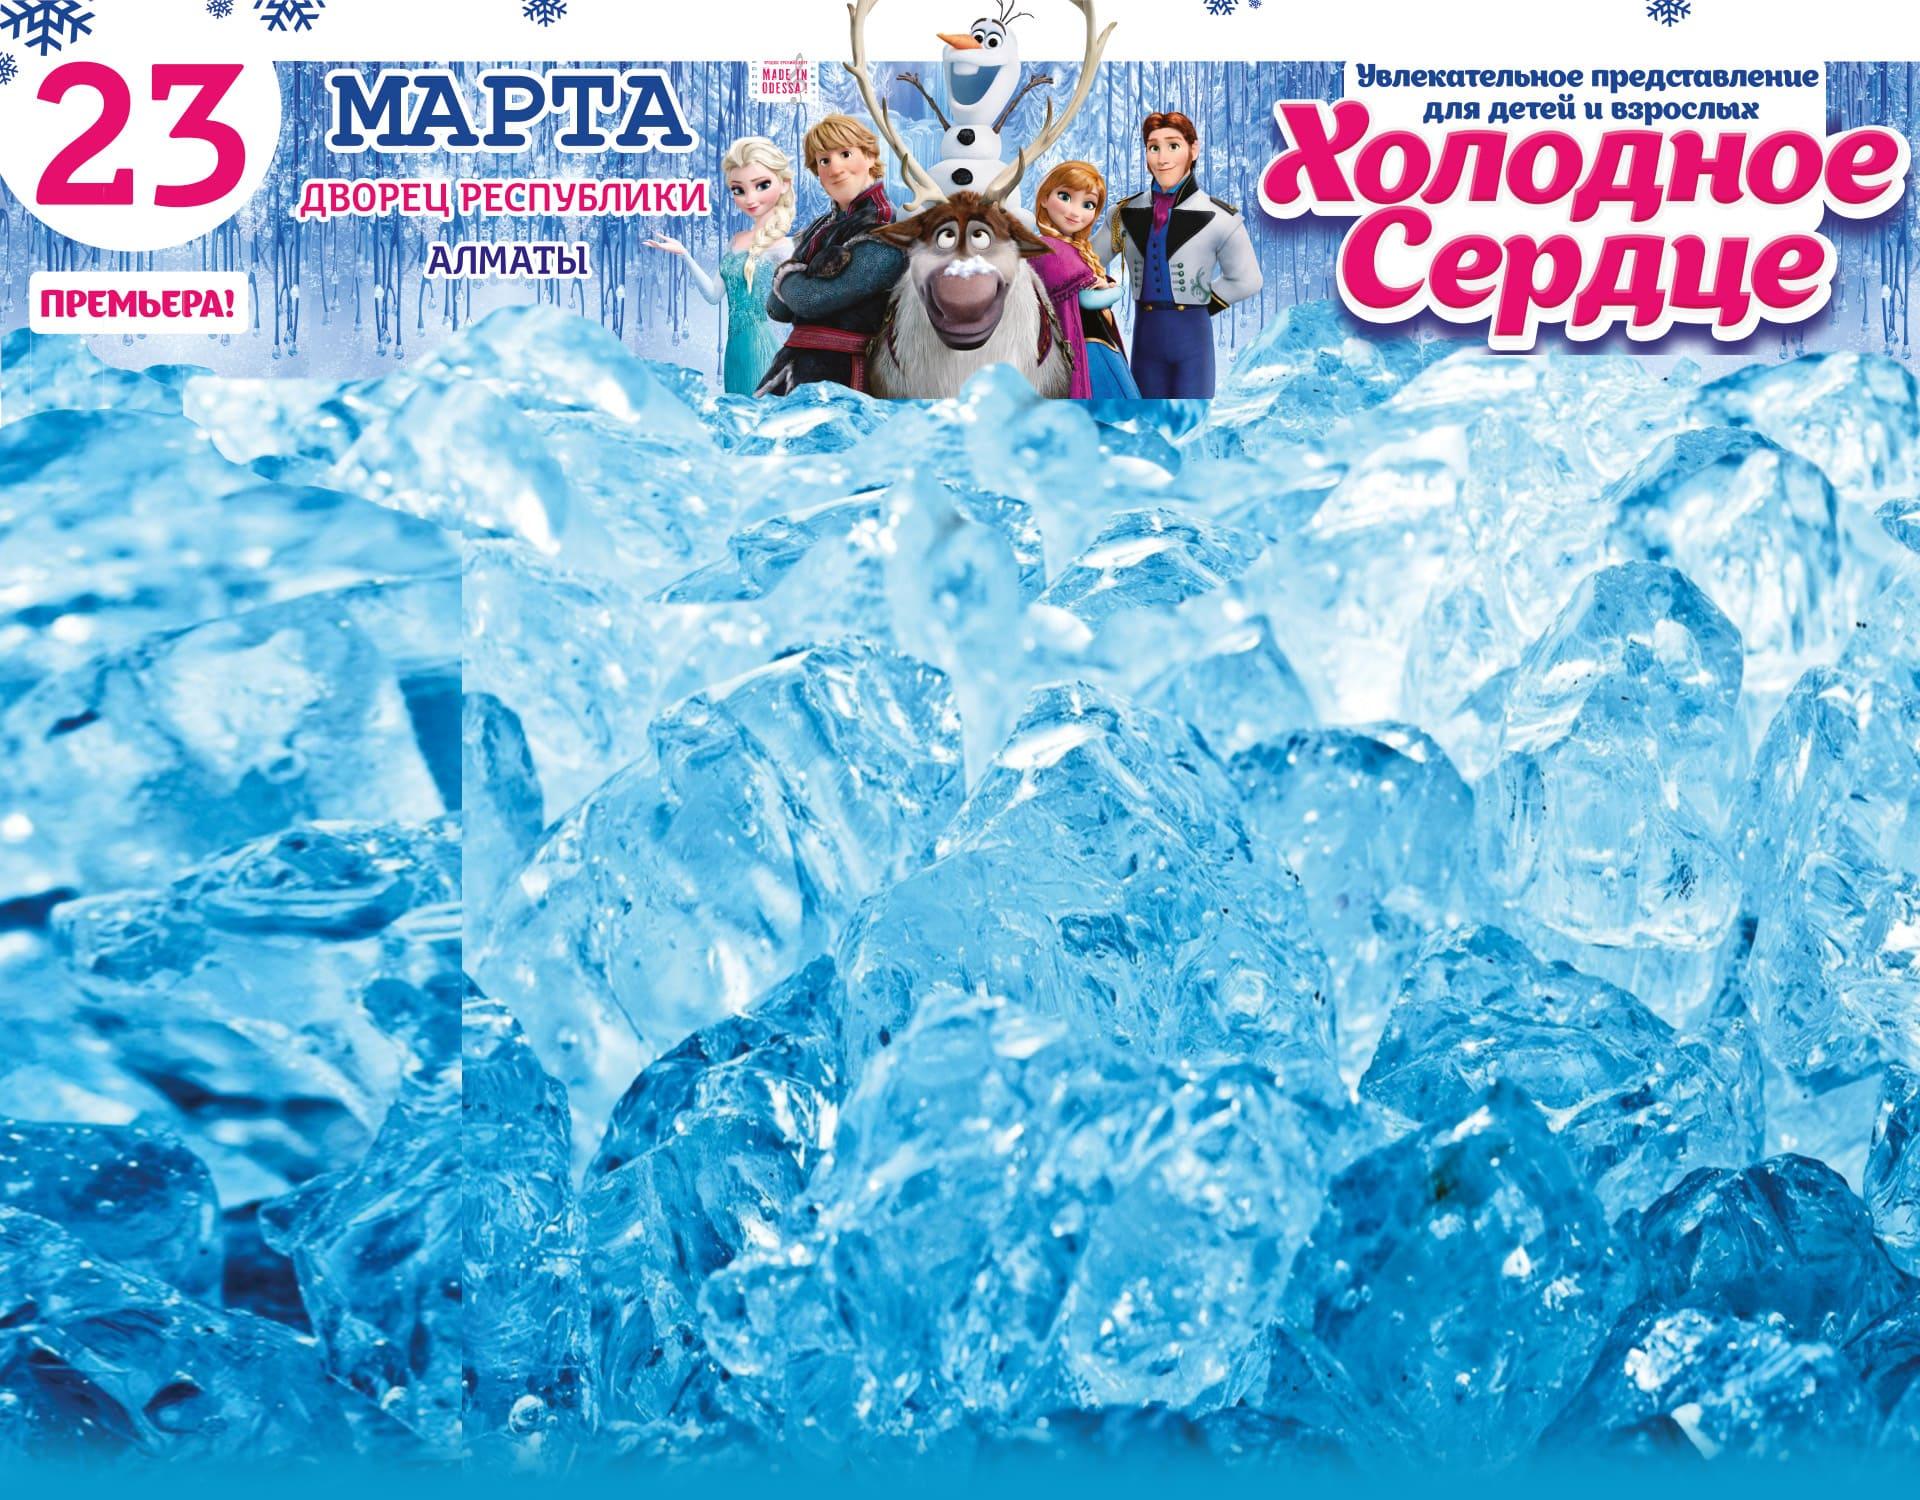 Музыкальное шоу «Холодное сердце» в Алматы